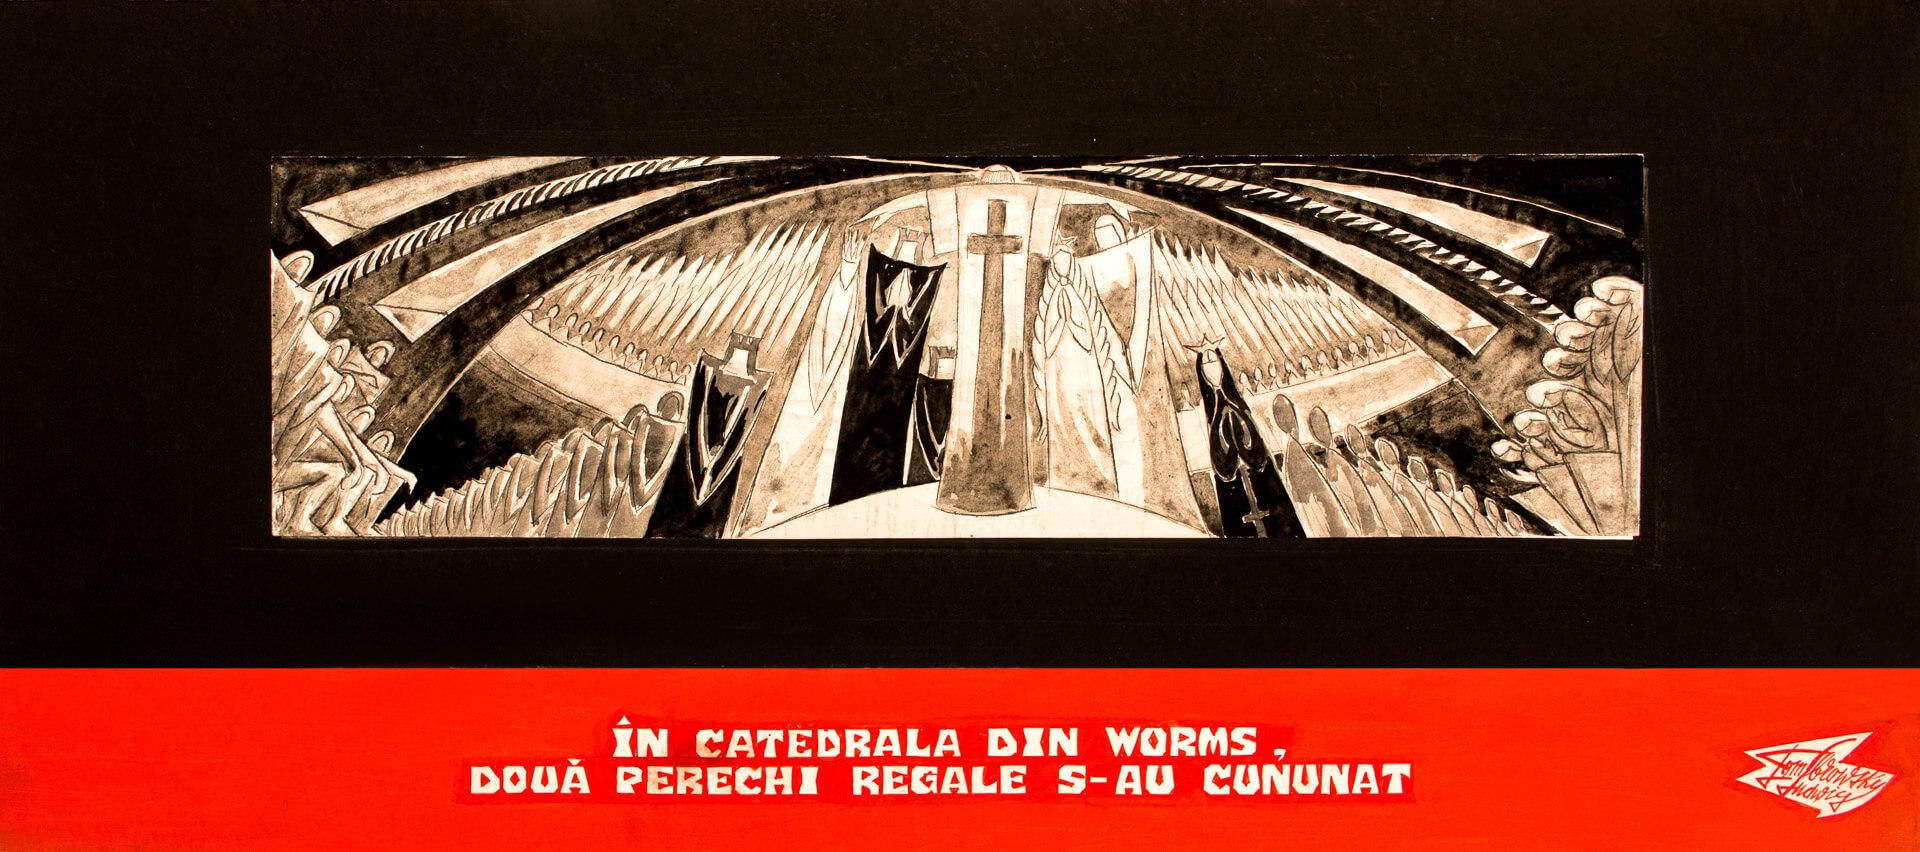 În catedrala din Worms, două perechi regale s-au cununat